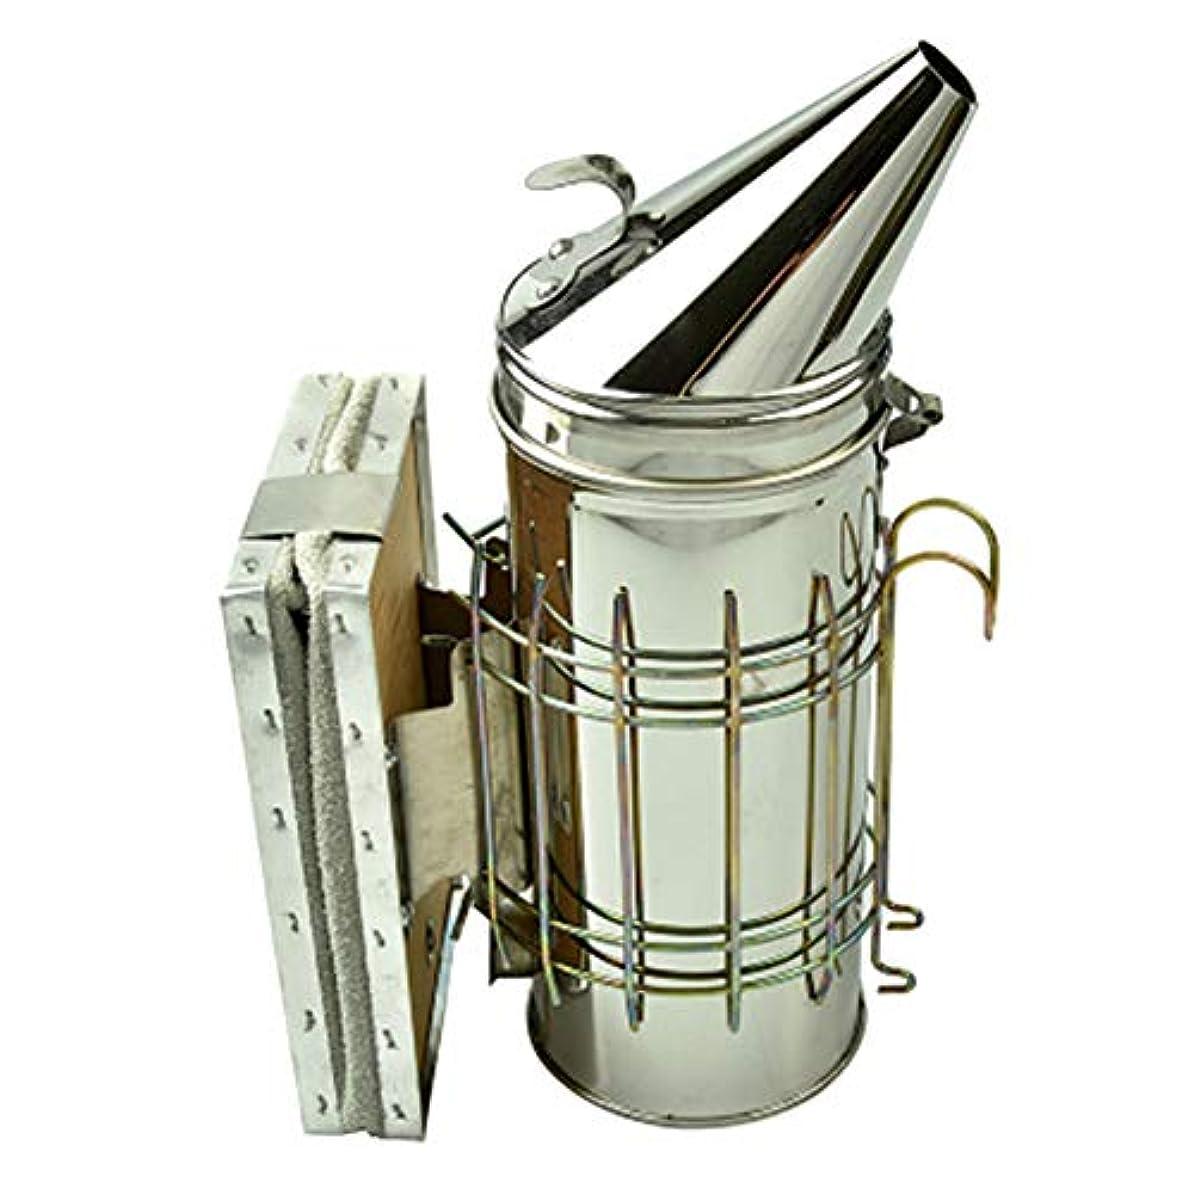 エンコミウムモットー累積高級 ステンレス製 燻煙器 噴霧器 FidgetFidget 養蜂場 養蜂器具 大型ステンレス鋼養蜂煙送信機噴霧器ツール